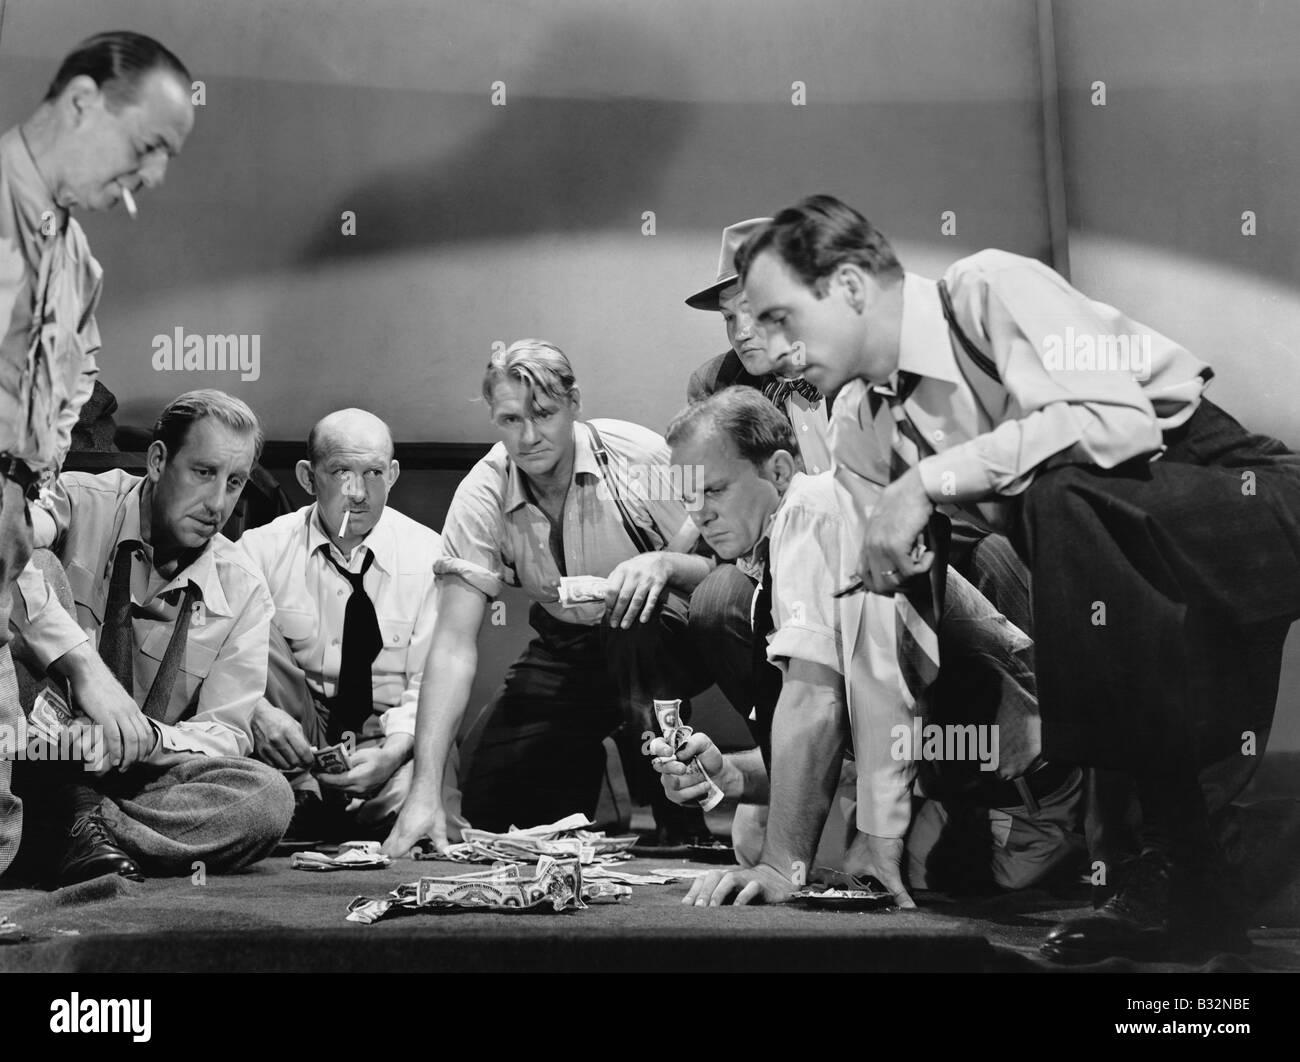 Group of men gambling - Stock Image